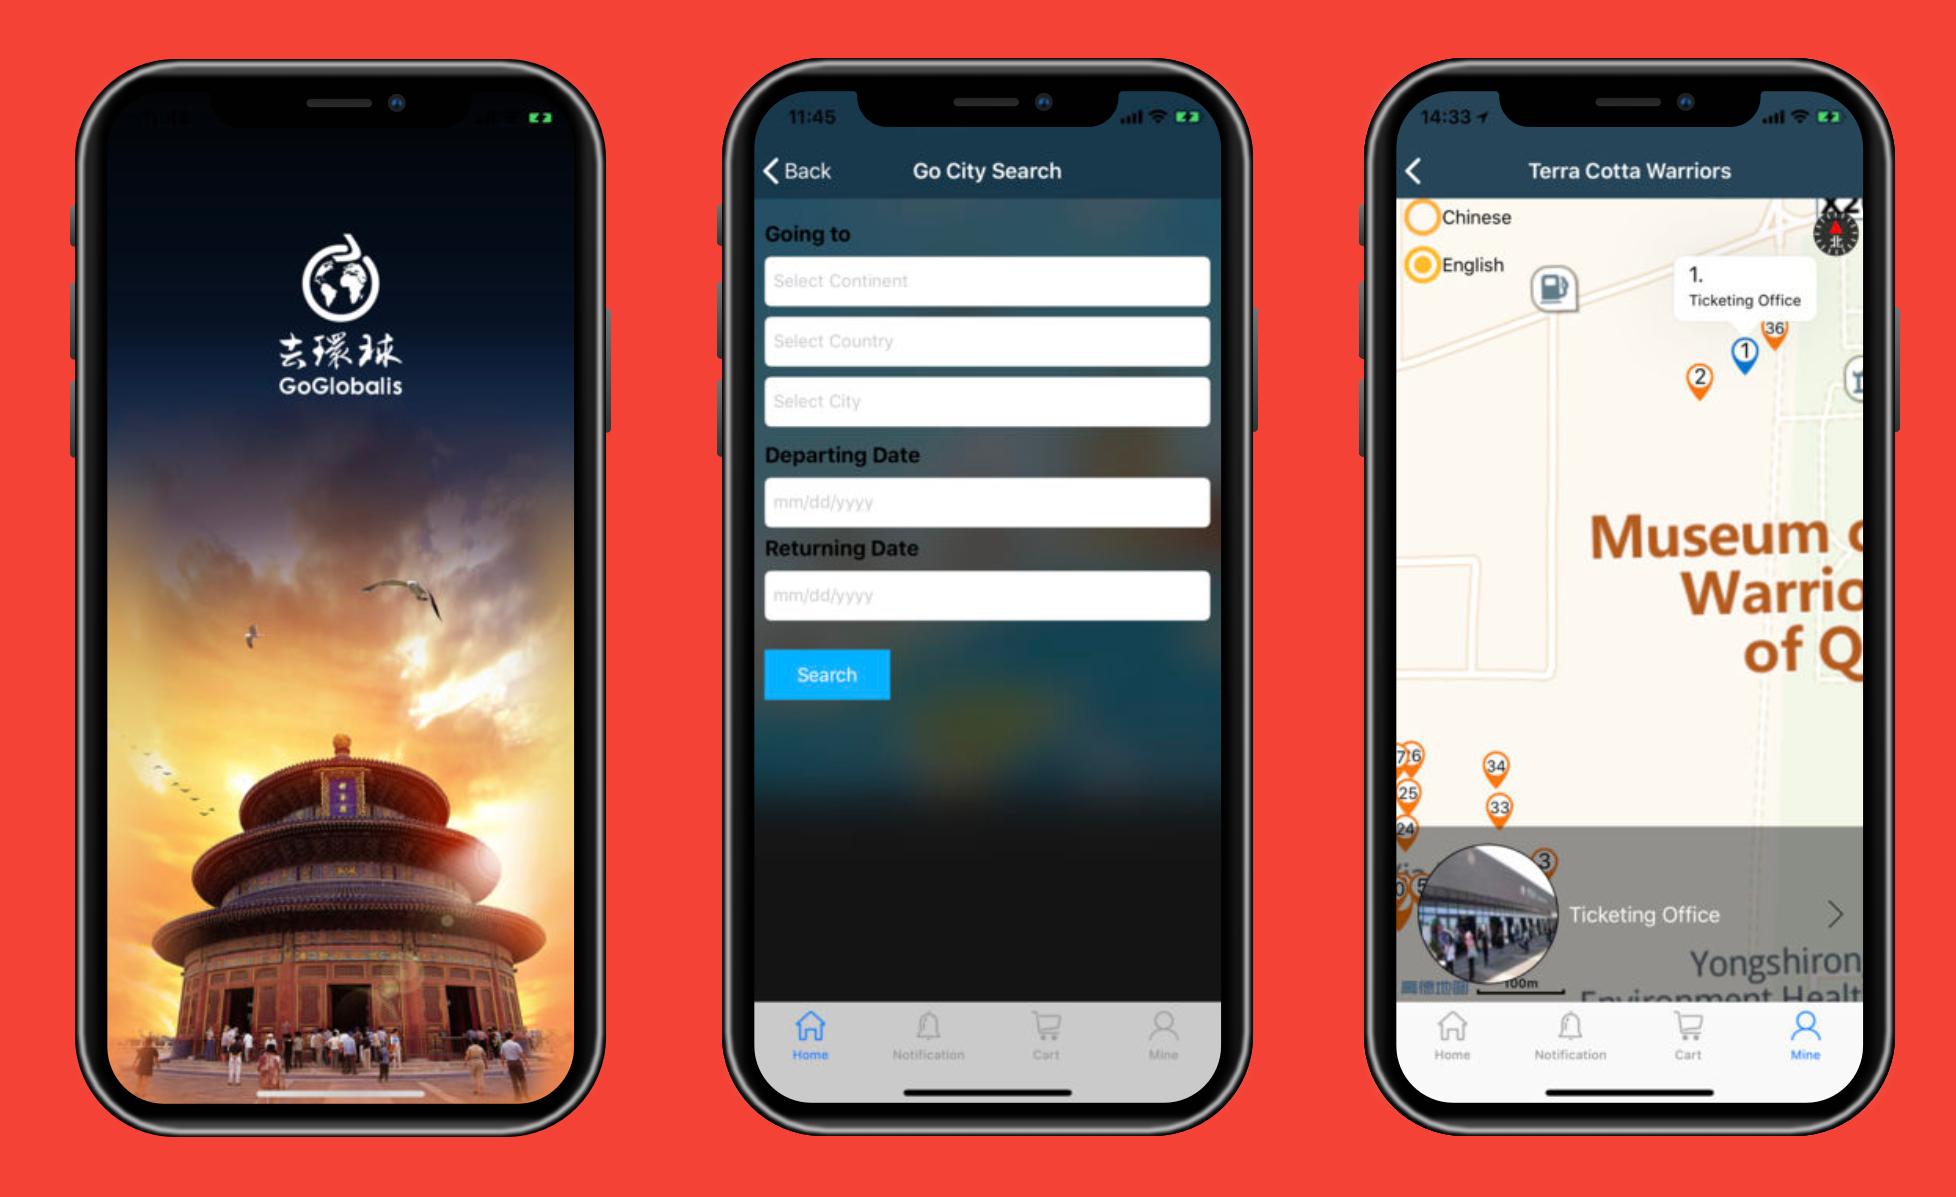 goglobalis-mobile-app-ios